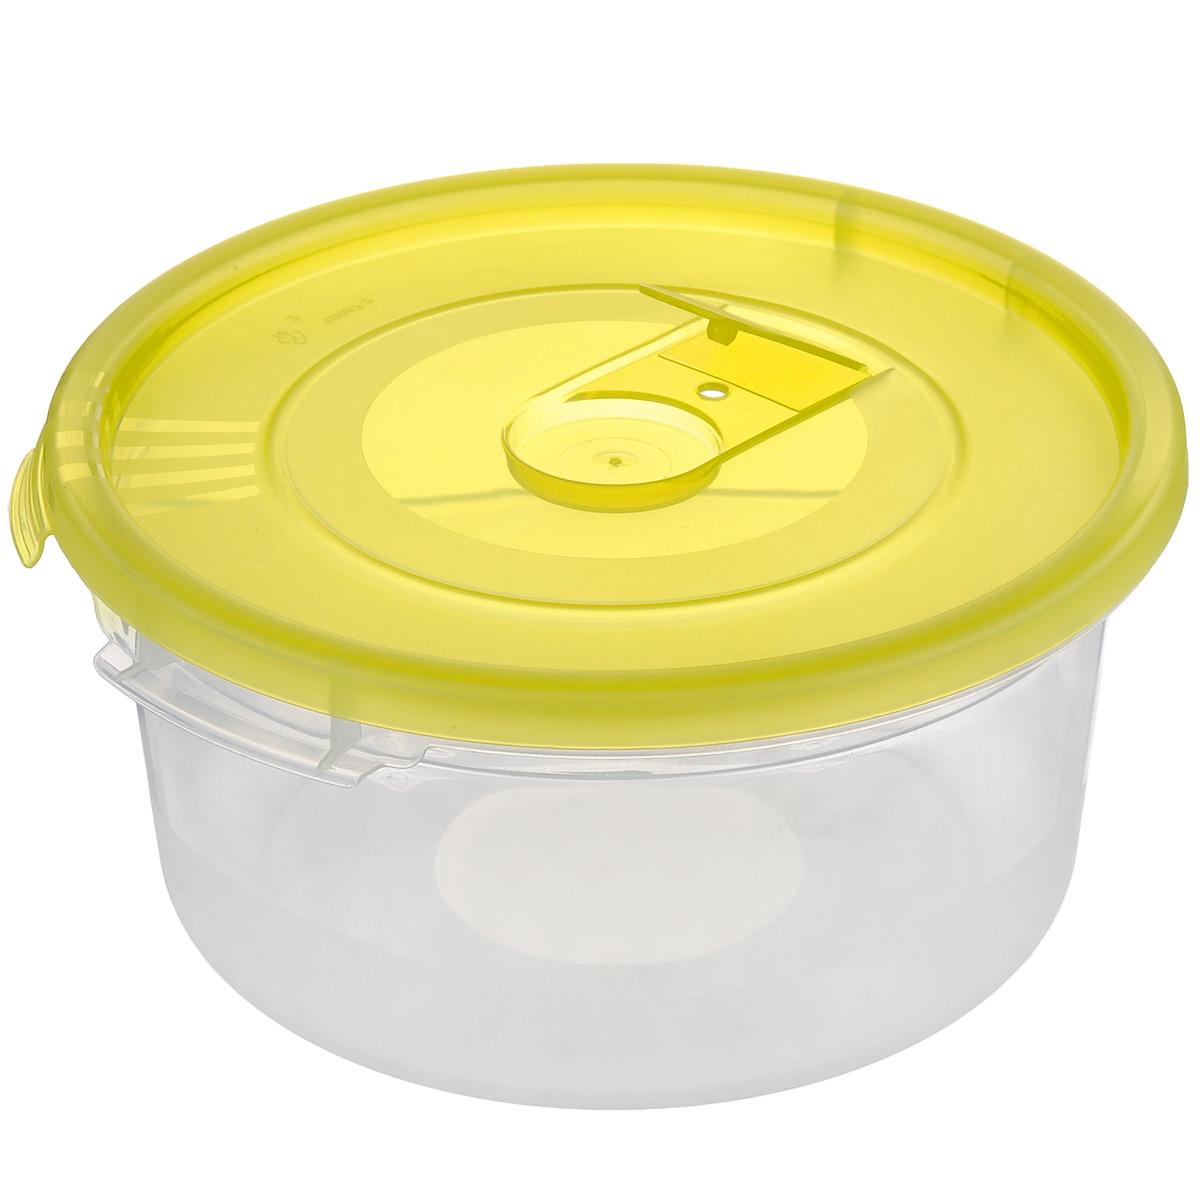 Контейнер Полимербыт Смайл, цвет: прозрачный, желтый, 800 млVT-1520(SR)Контейнер Полимербыт Смайл круглой формы, изготовленный из прочного пластика, предназначен специально для хранения пищевых продуктов. Контейнер оснащен герметичной крышкой со специальным клапаном, благодаря которому внутри создается вакуум, и продукты дольше сохраняют свежесть и аромат. Крышка легко открывается и плотно закрывается.Стенки контейнера прозрачные - хорошо видно, что внутри. Контейнер устойчив к воздействию масел и жиров, легко моется. Контейнер имеет возможность хранения продуктов глубокой заморозки, обладает высокой прочностью. Можно мыть в посудомоечной машине. Подходит для использования в микроволновых печах. Диаметр: 15 см. Высота (без крышки): 7 см.